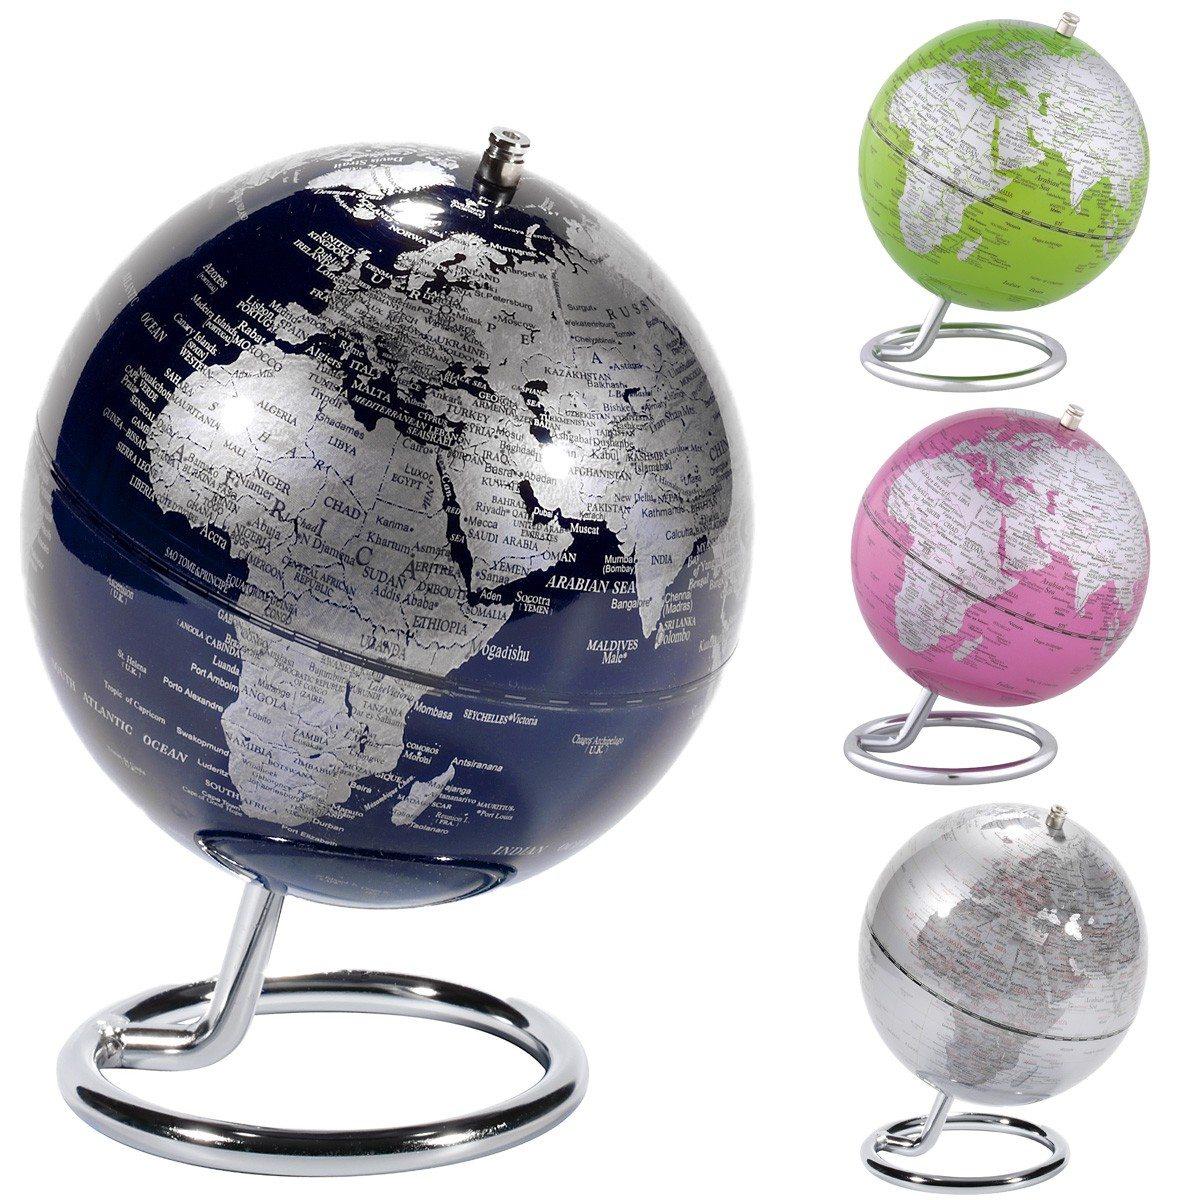 Mini globus